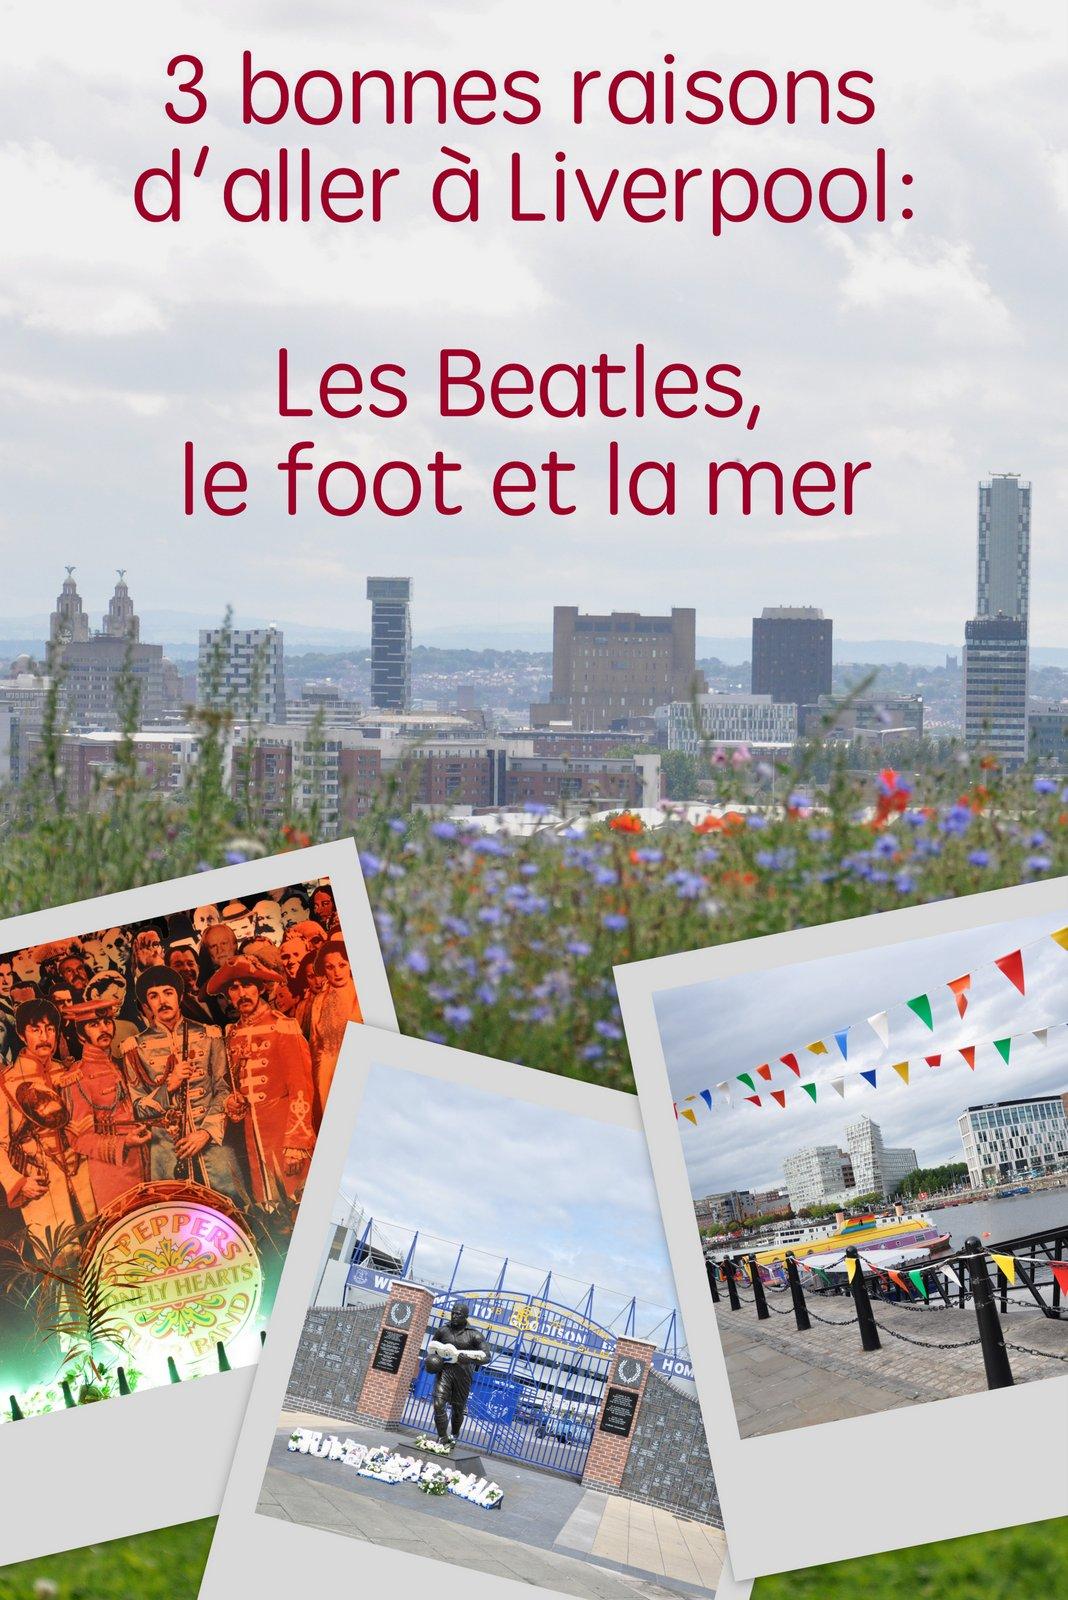 Après la crise, Liverpool revient de loin et connait une belle renaissance! Avec son Waterfront entièrement rénové, ses deux clubs de foot et l'héritage des Beatles, c'est une ville à découvrir...